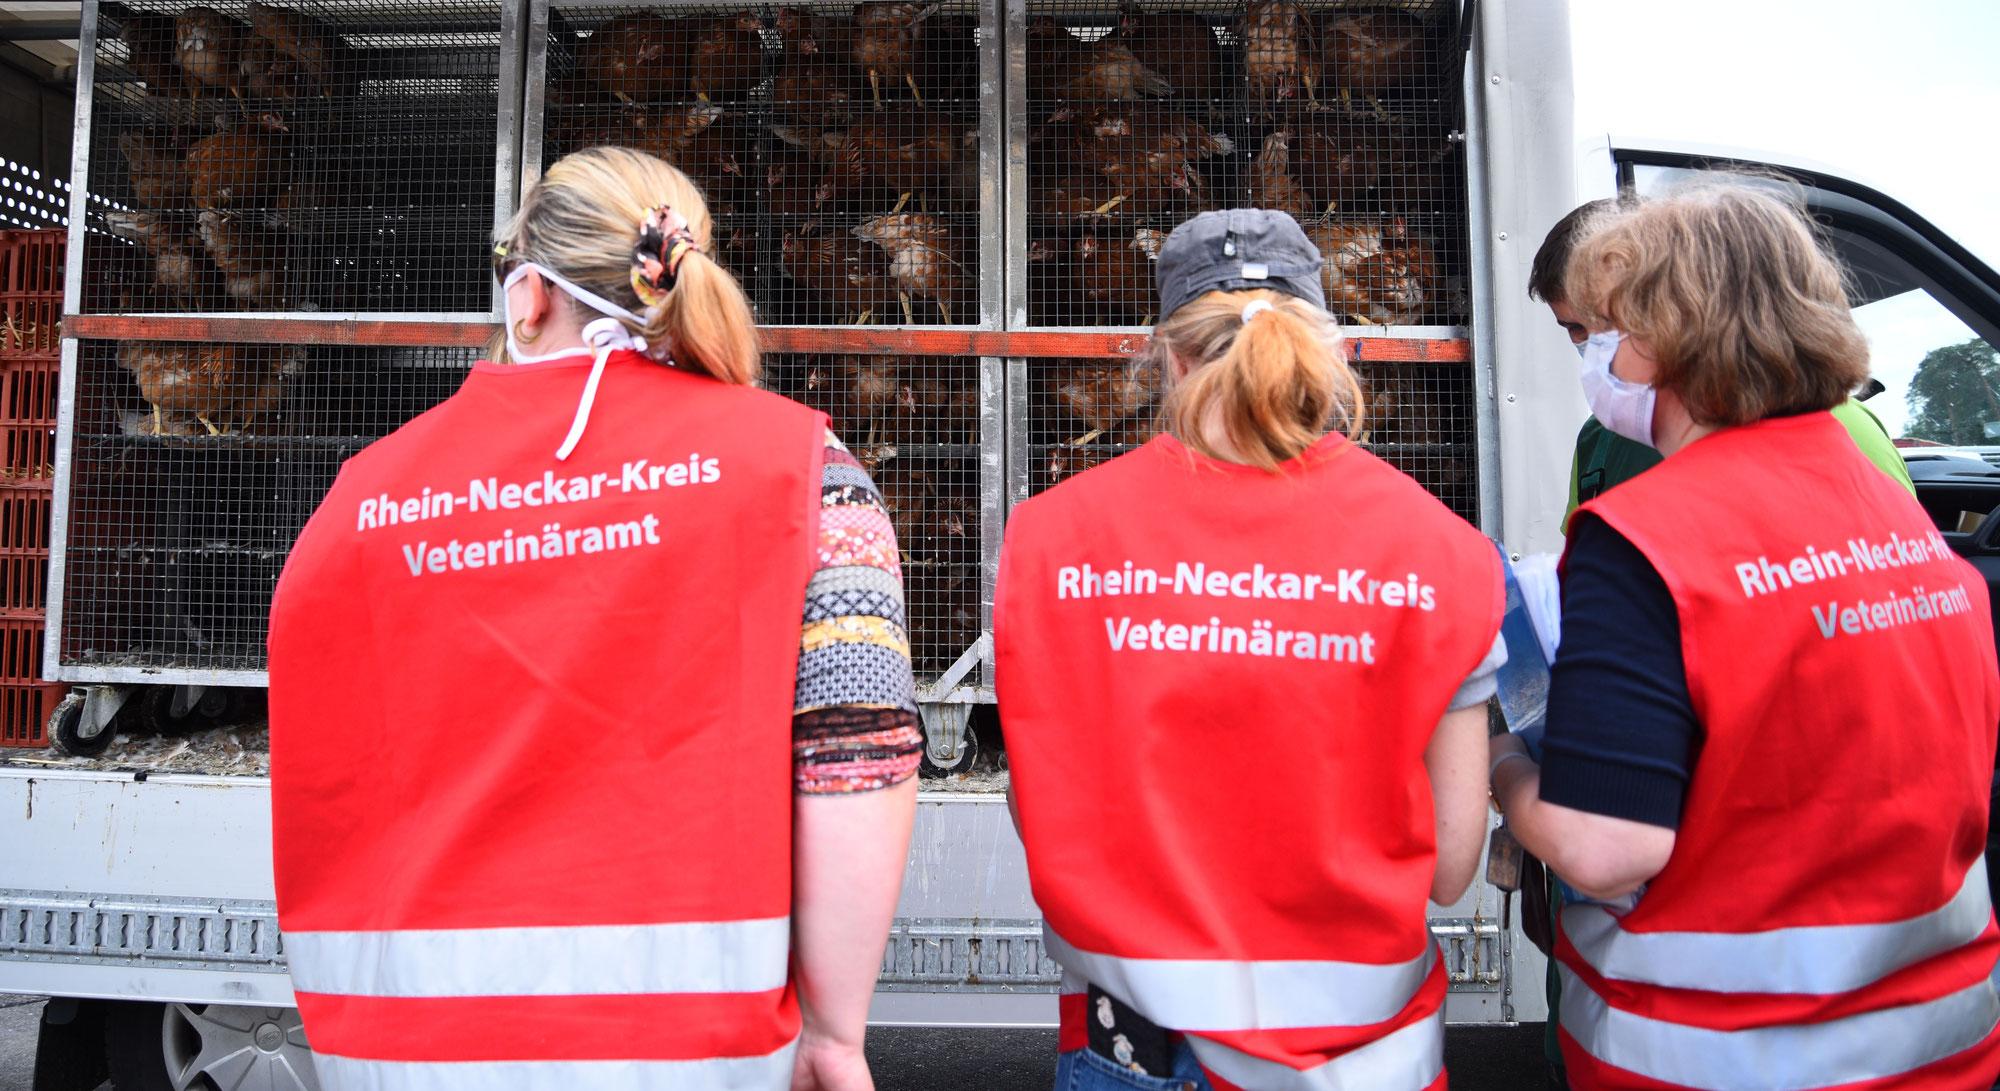 Veterinäramt und Verbraucherschutz: Geflügelpest ist nun auch in Baden-Württemberg angekommen